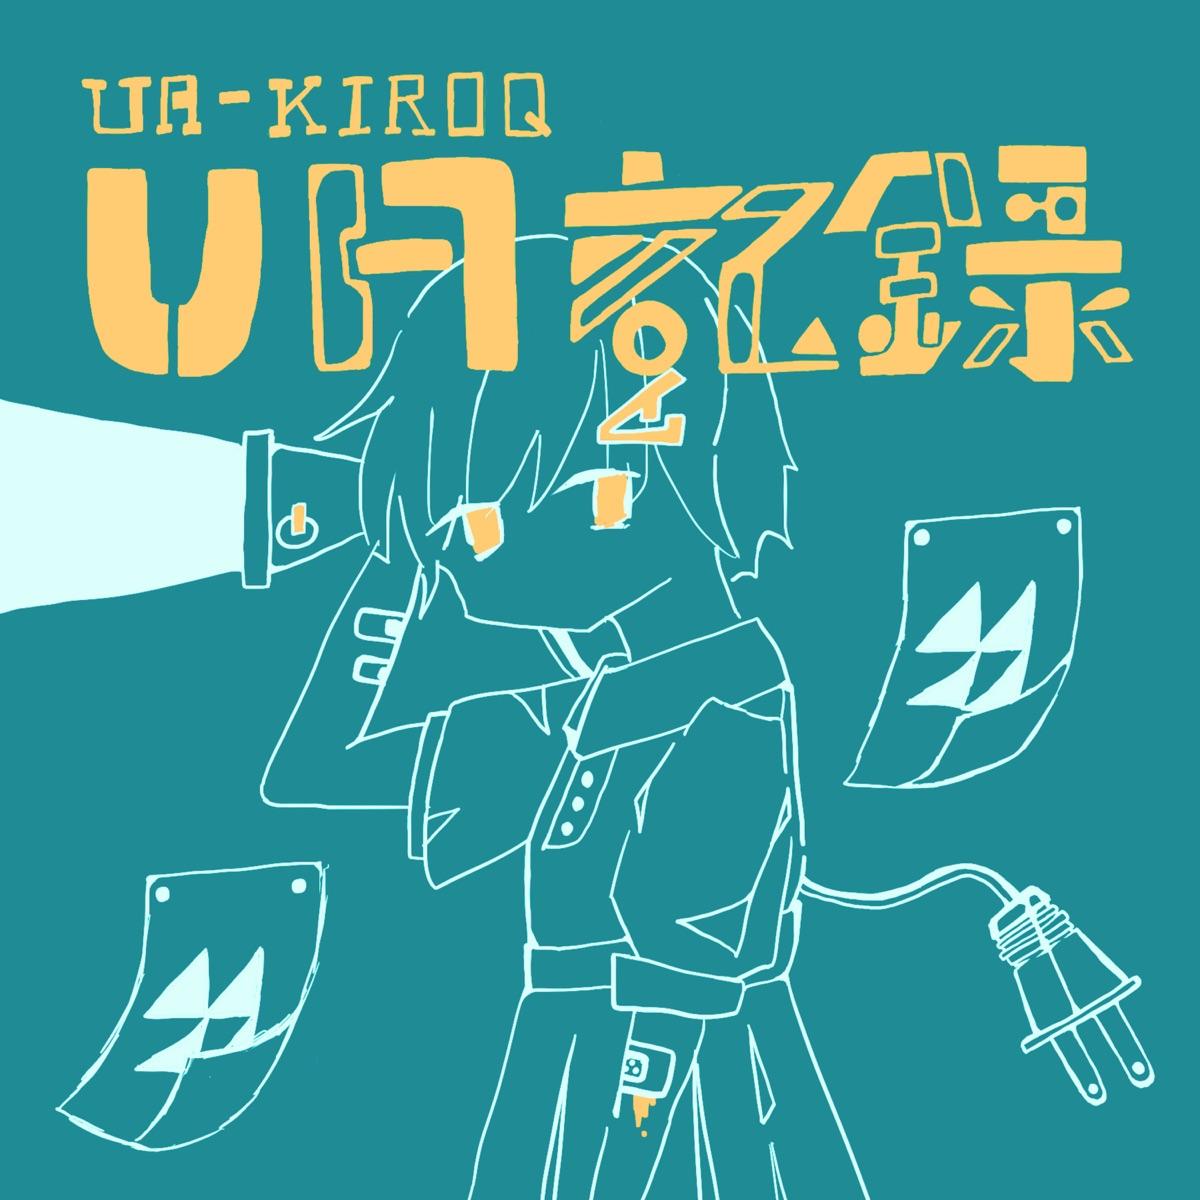 『由末イリ - ゴーストレターは空色で』収録の『UA記録』ジャケット